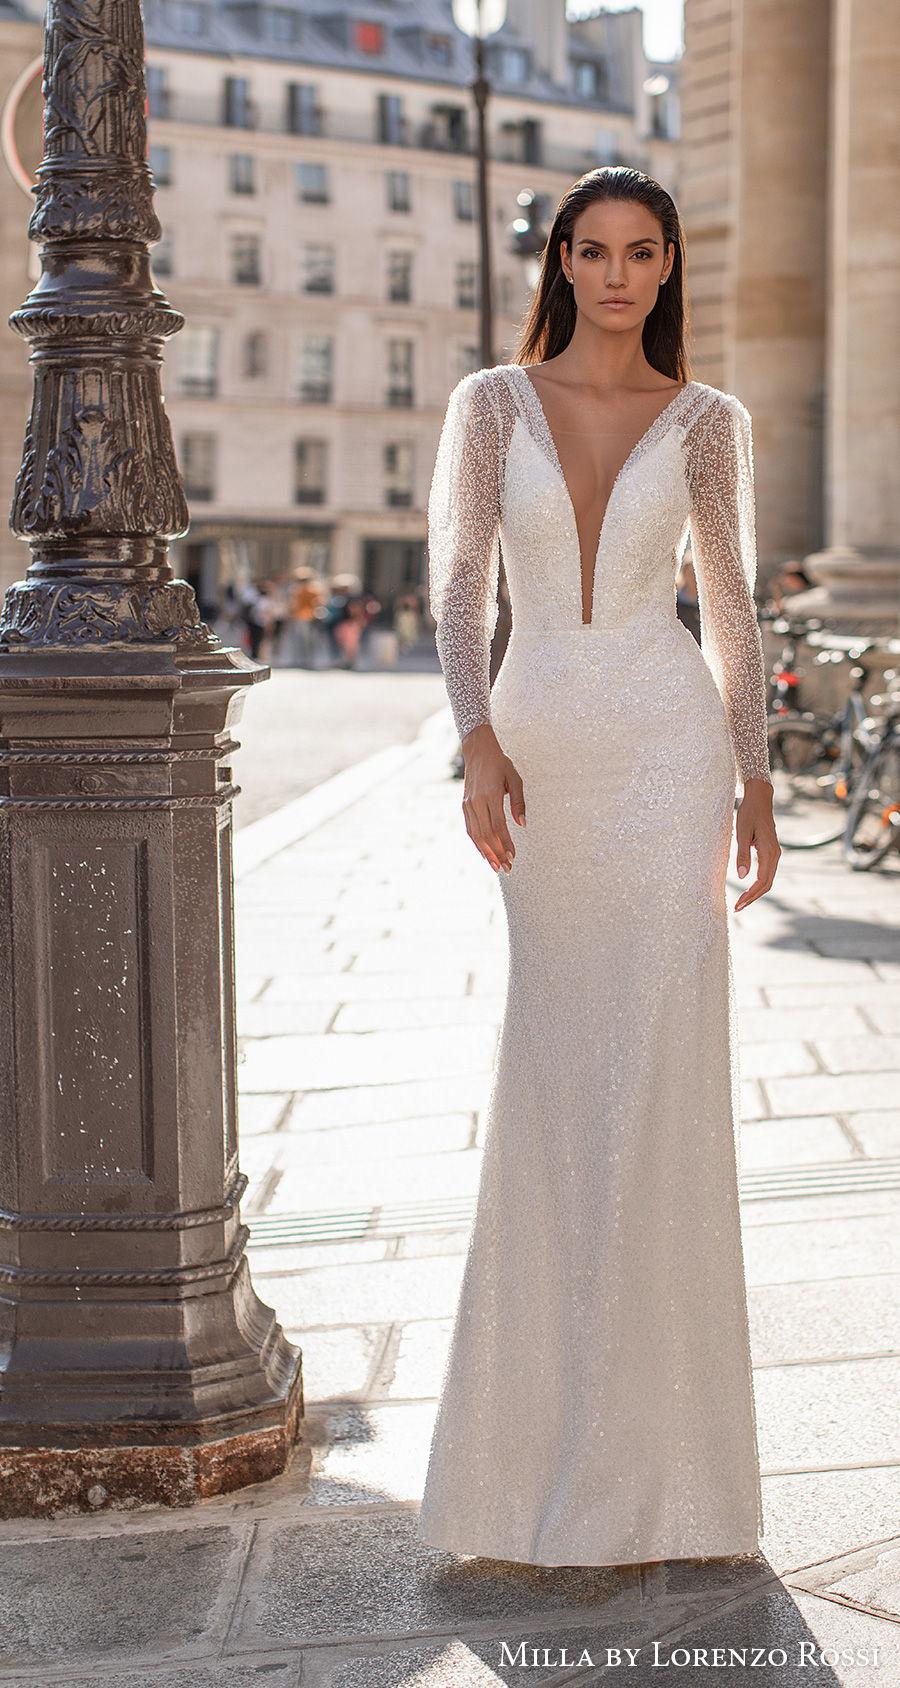 milla lorenzo rossi 2021 bridal long sleeves deep plunging v neck full embellishment glamorous elegant sheath wedding dress v back sweep train (leonela) mv